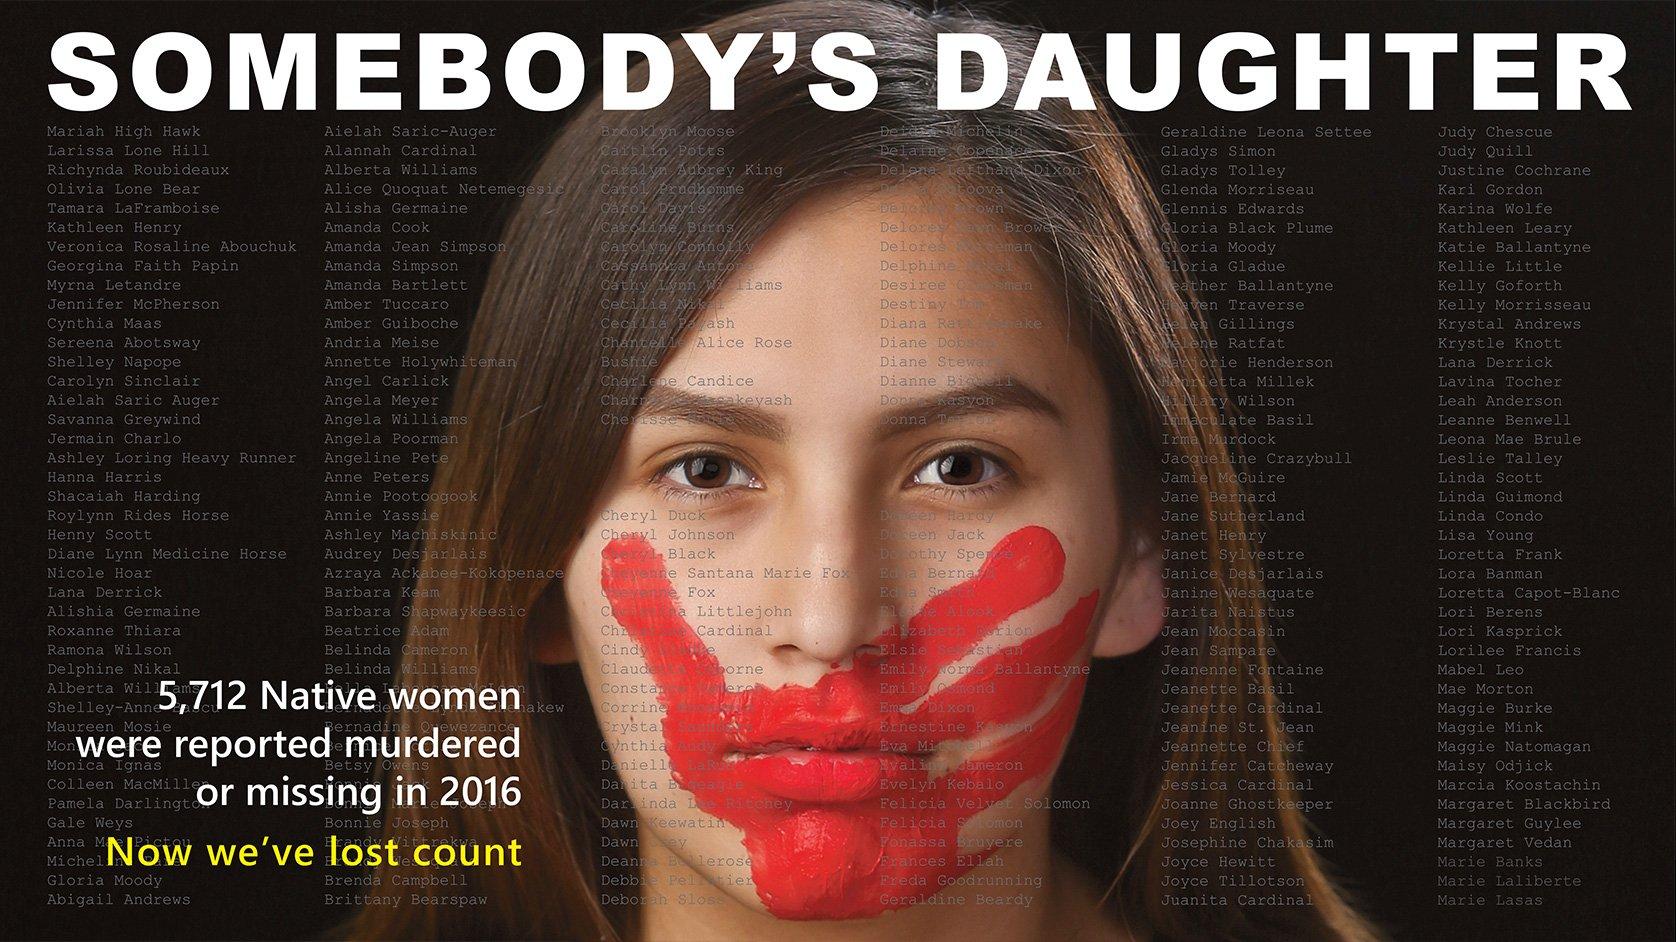 sombodys-daughter-2